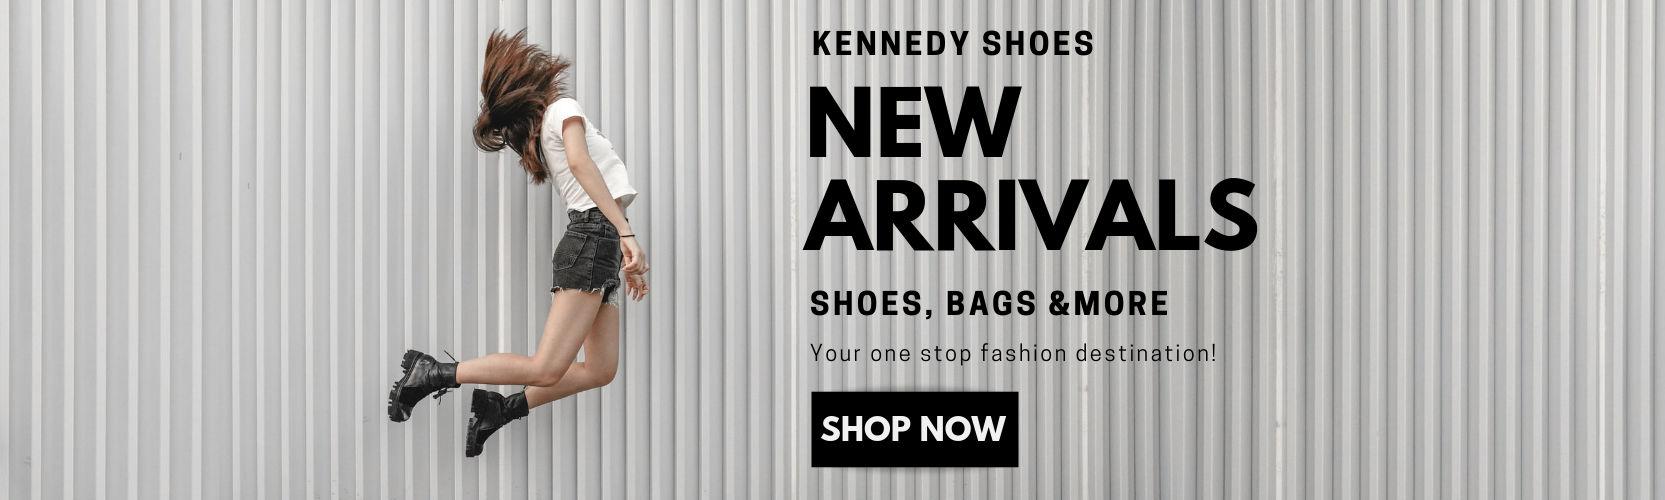 γυναικεια παπουτσια τσαντεσ αξεσουαρ φθινοπωρο χειμωνας 2019 kennedy